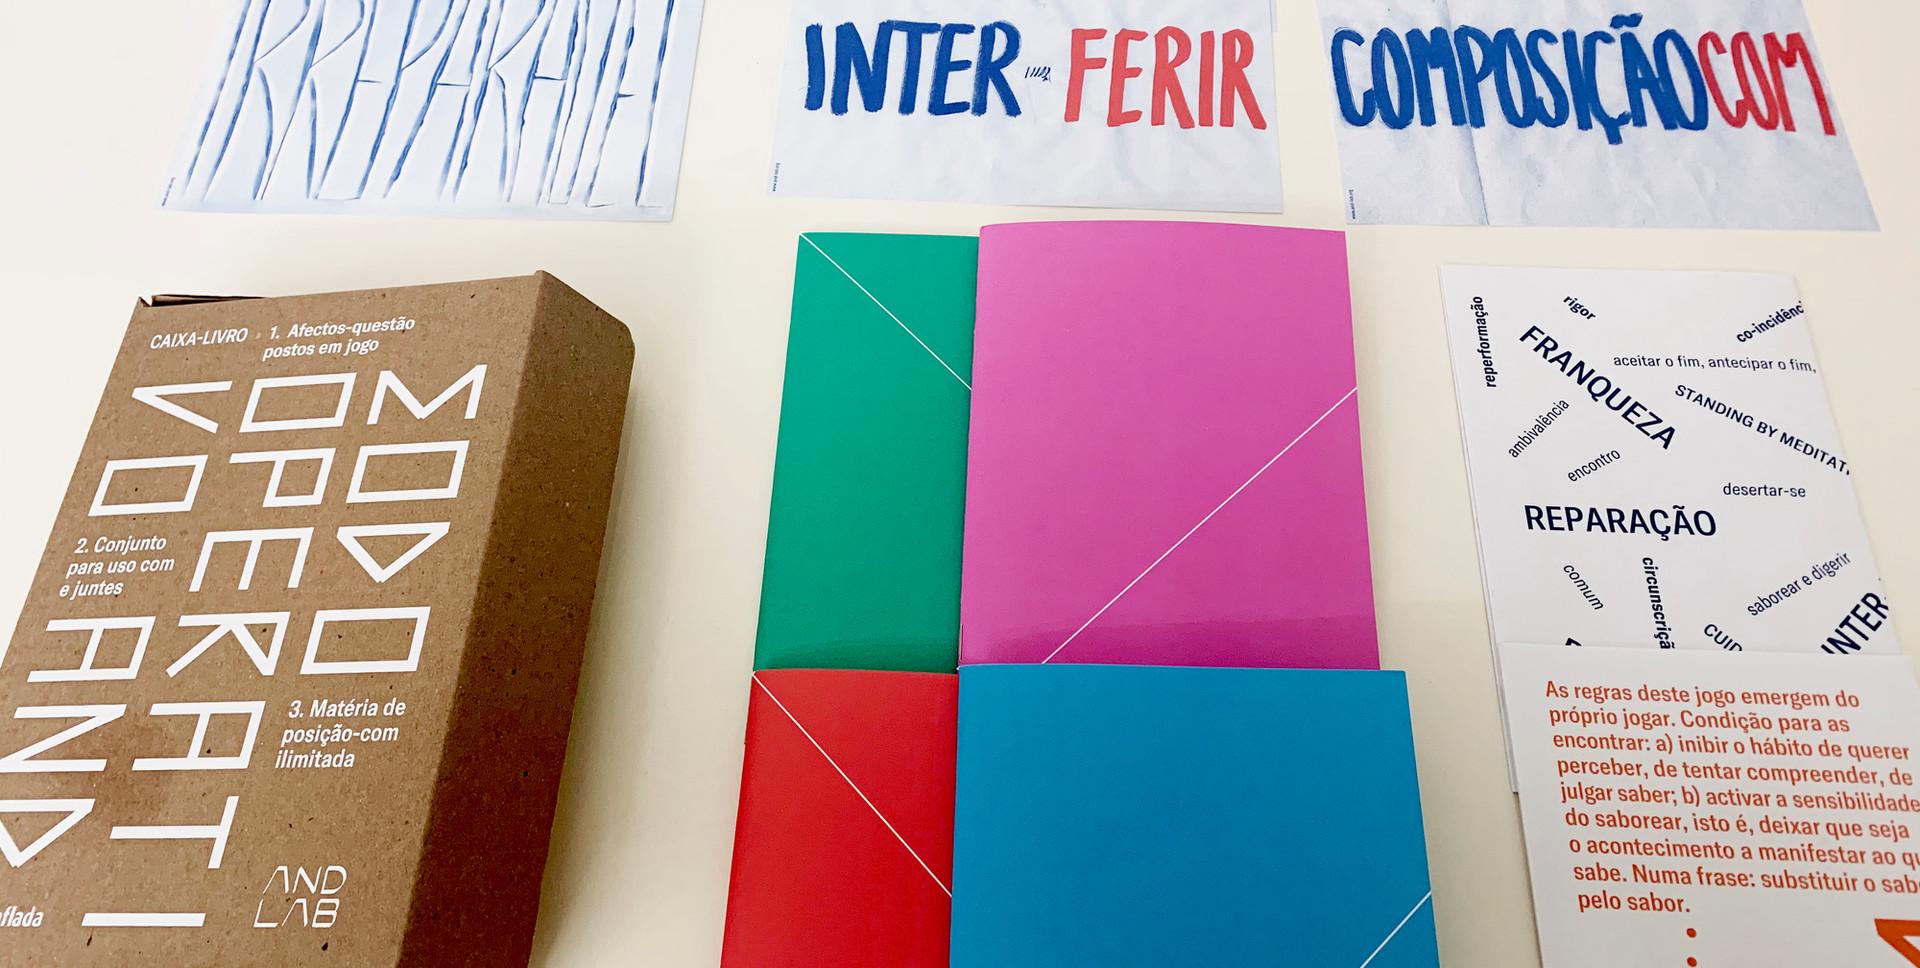 Caixa-Livro AND | Conteúdo